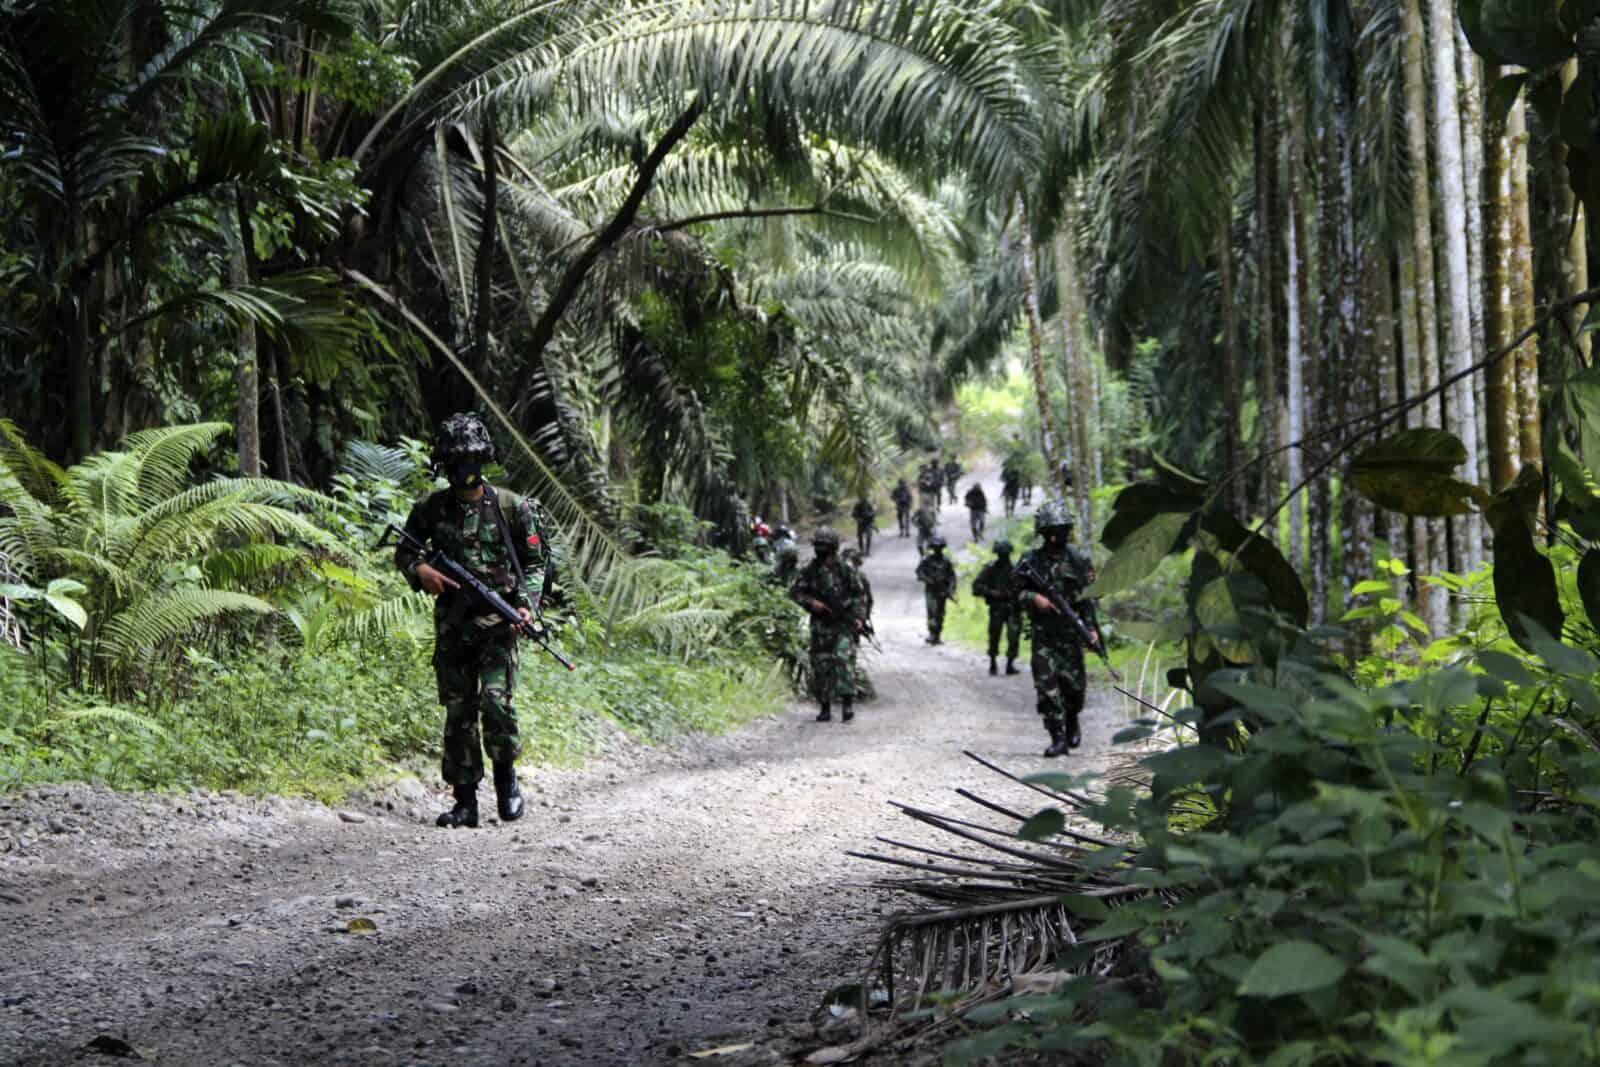 Yonko 469 Paskhas Laksanakan Latihan Uji Siap Tempur (Ust) Tingkat Peleton.